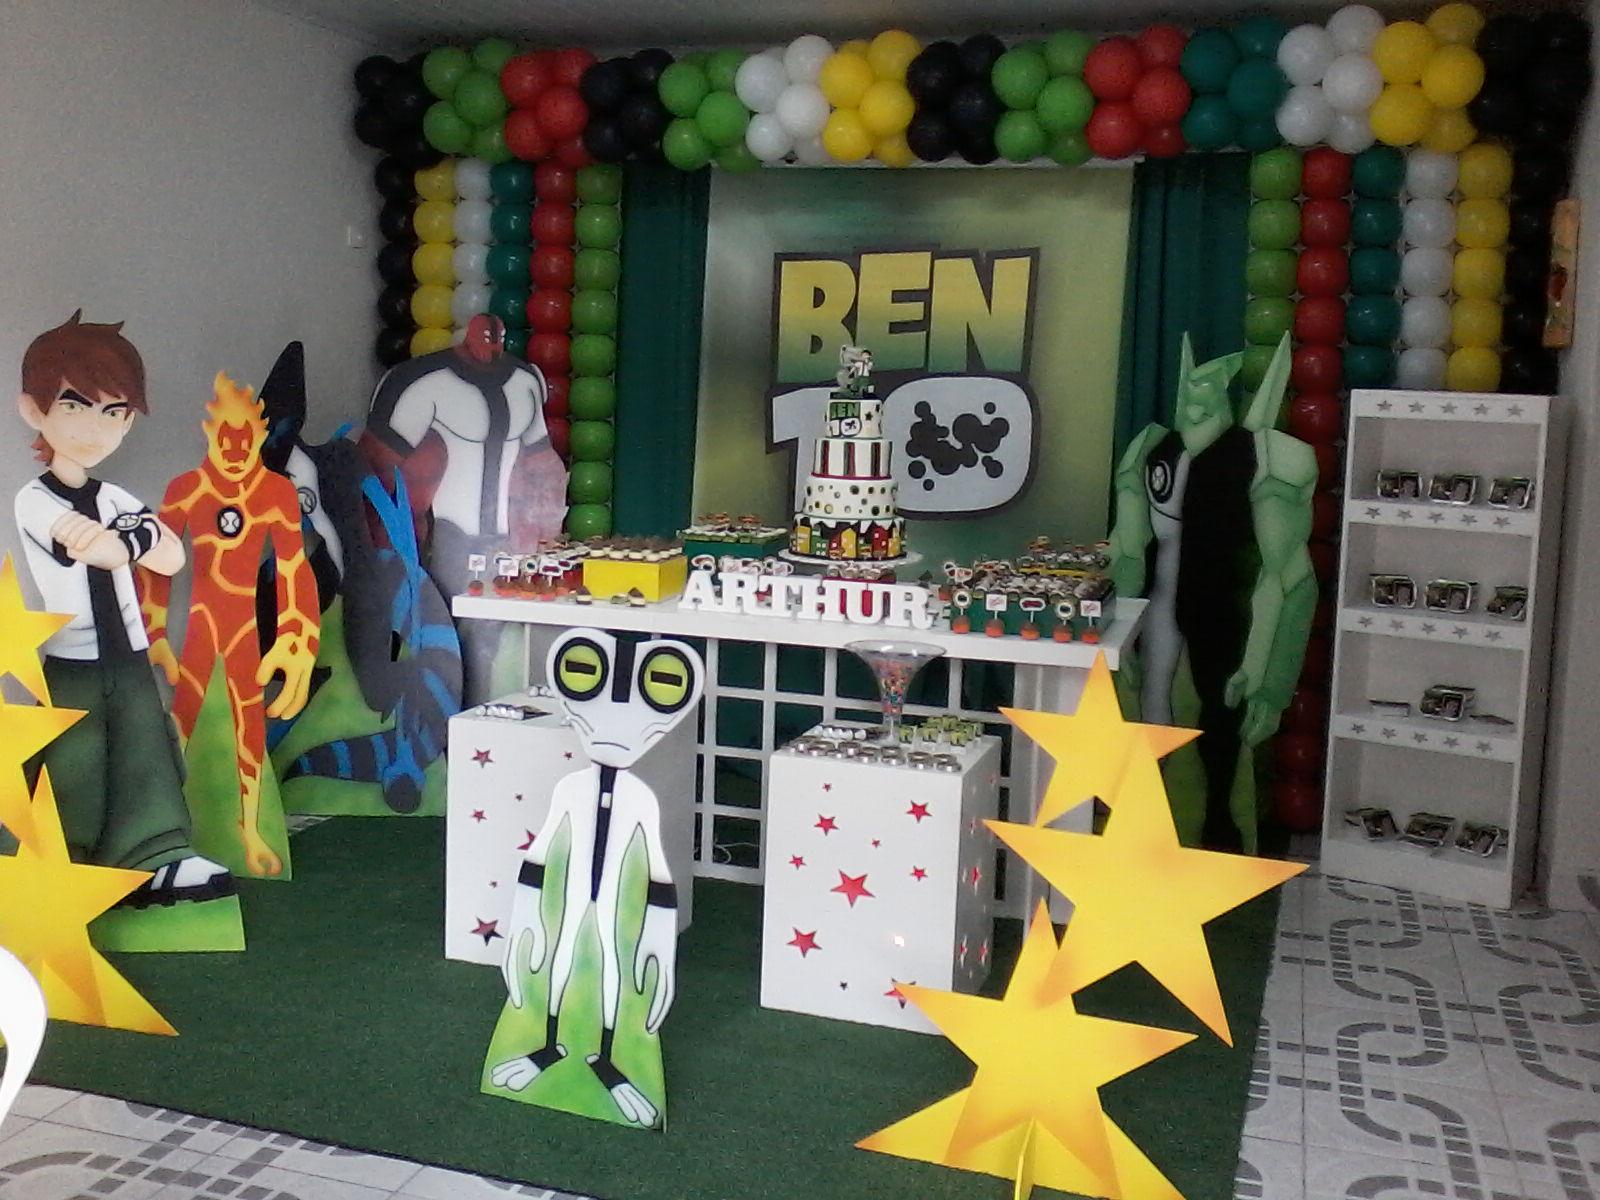 decoracao festa ben 10 decoracao festa infantil ben 10 decoracao festa